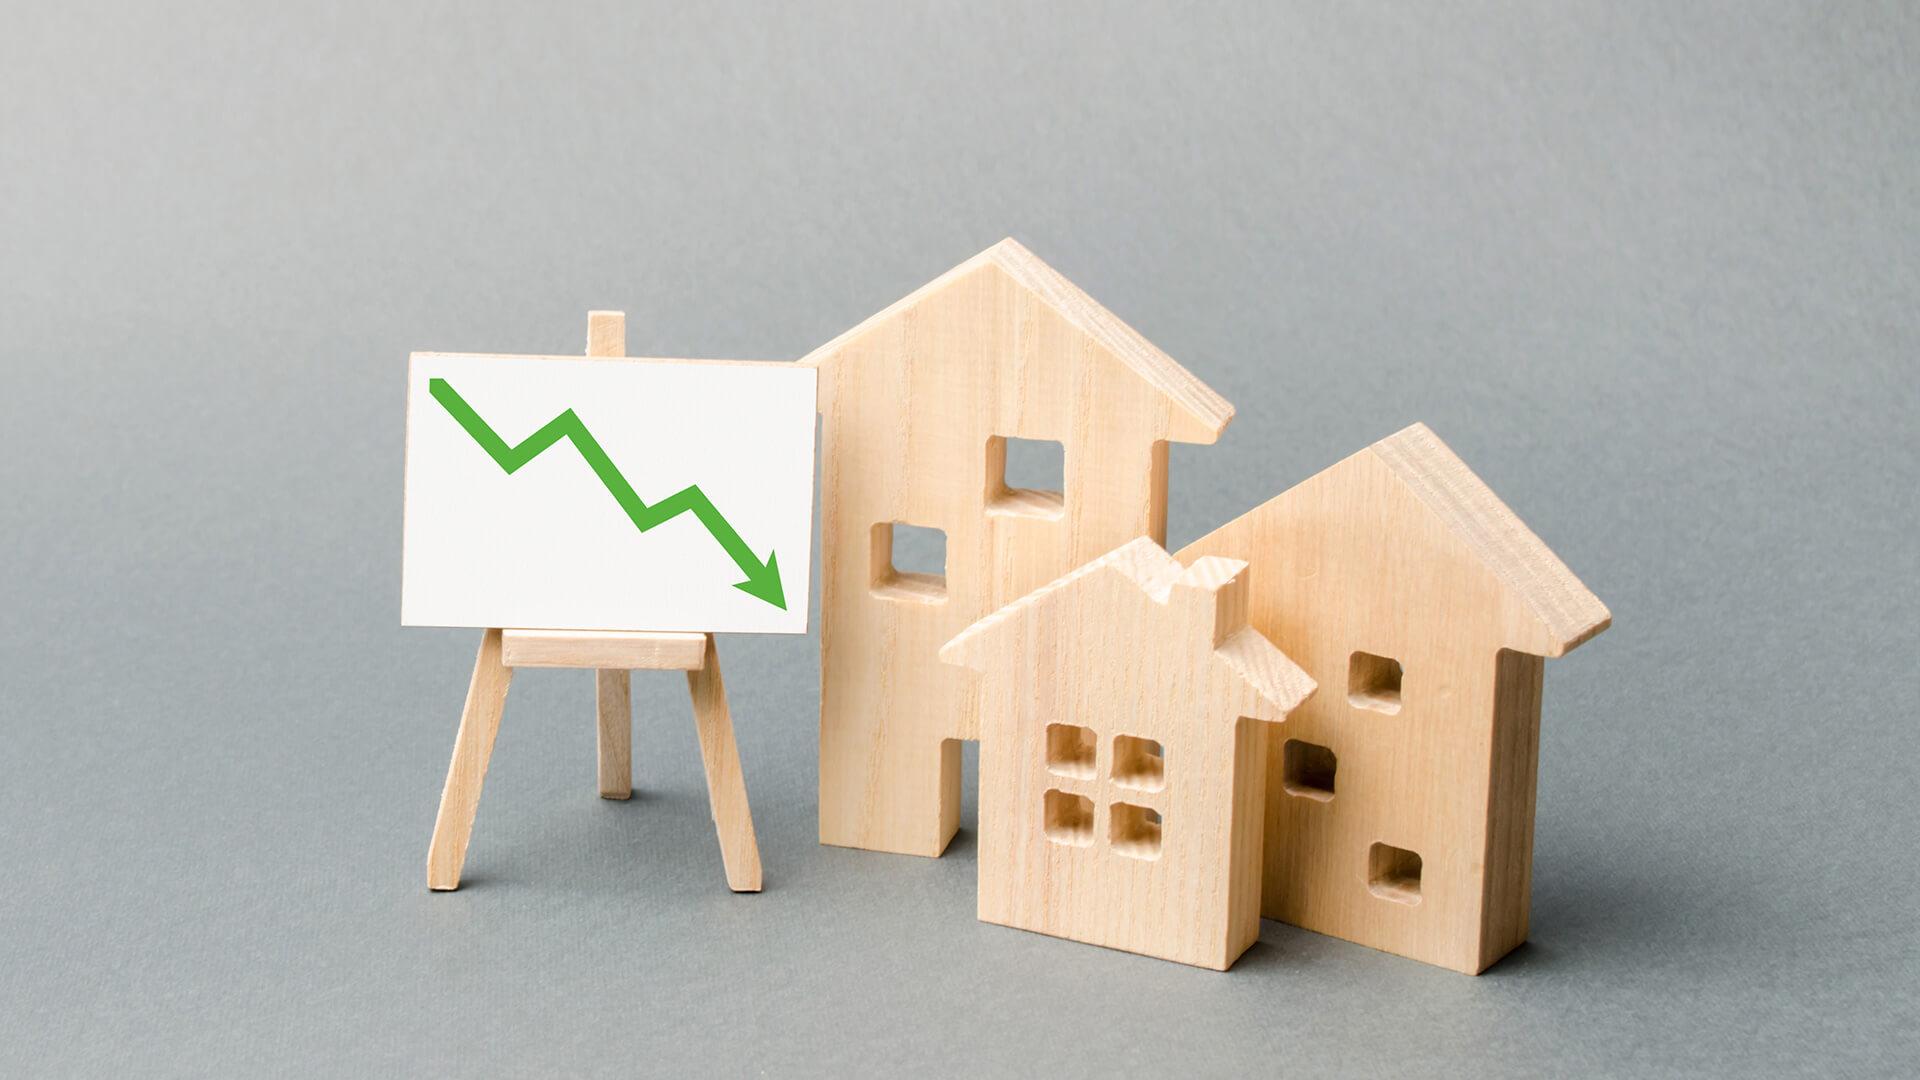 Bankernas rörliga genomsnittsräntor fortsatte att sjunka under maj